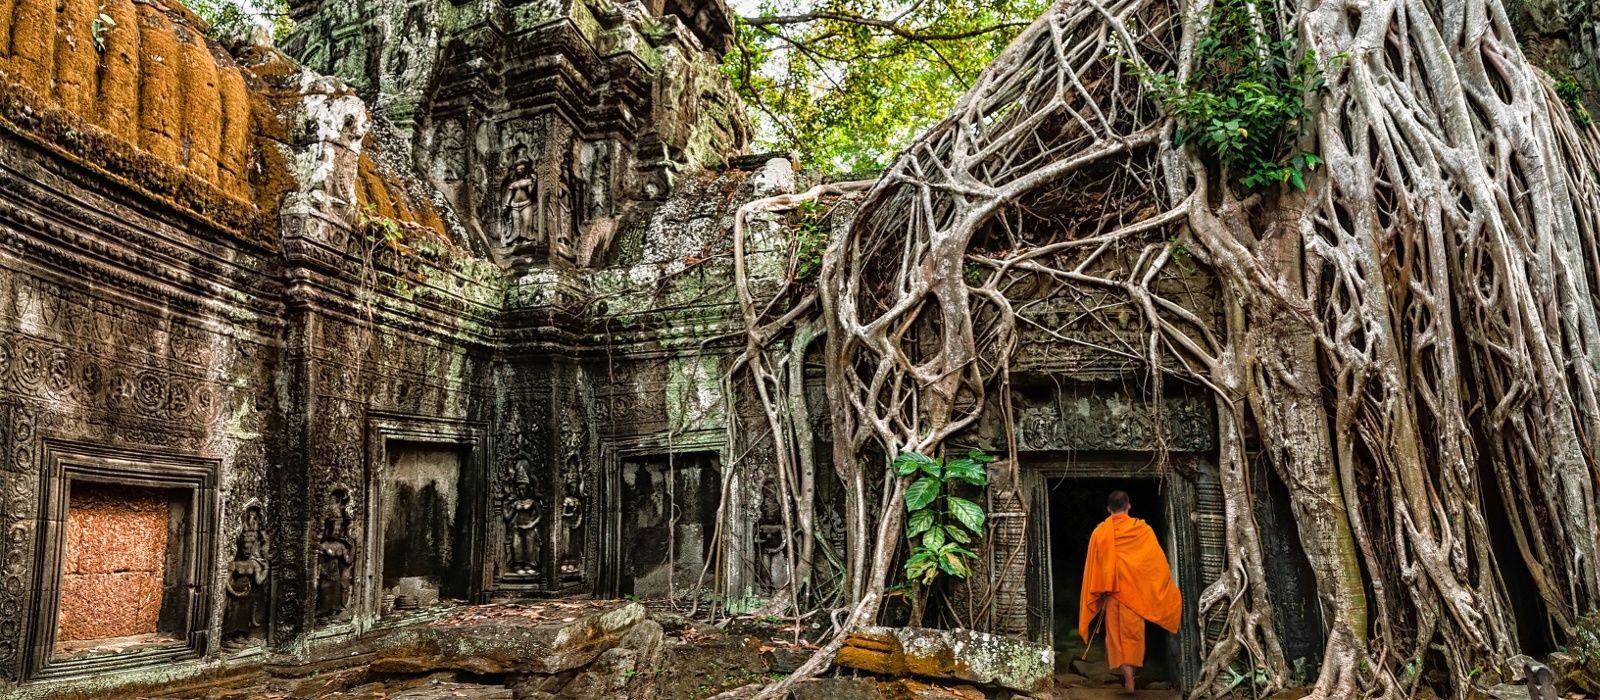 Reiseziel Siem Reap Kambodscha